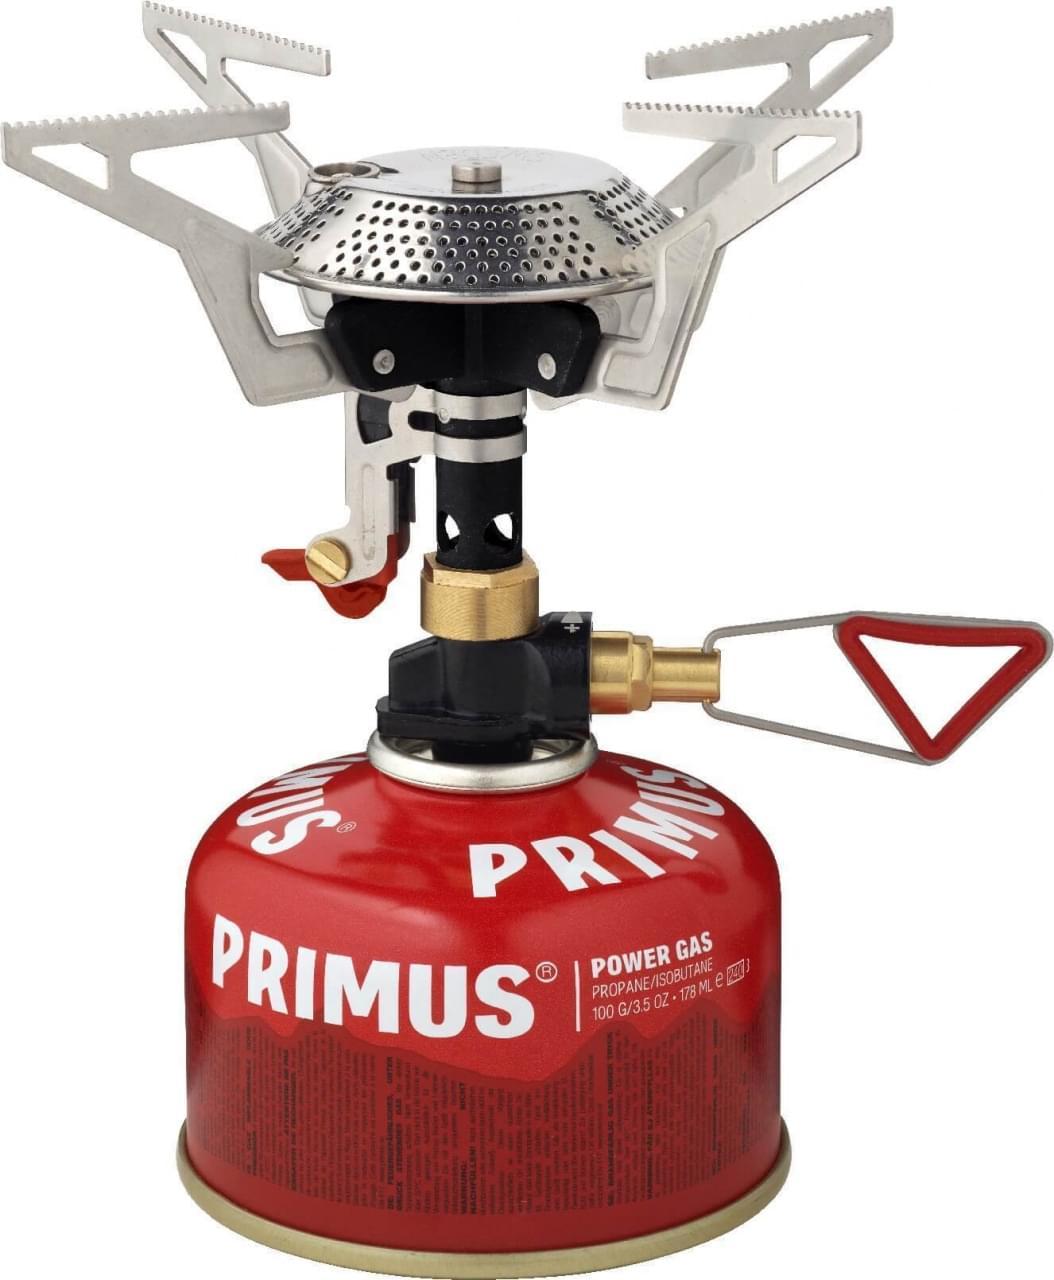 Primus PowerTrail Stove Piëzo Reg. Duo Gasbrander